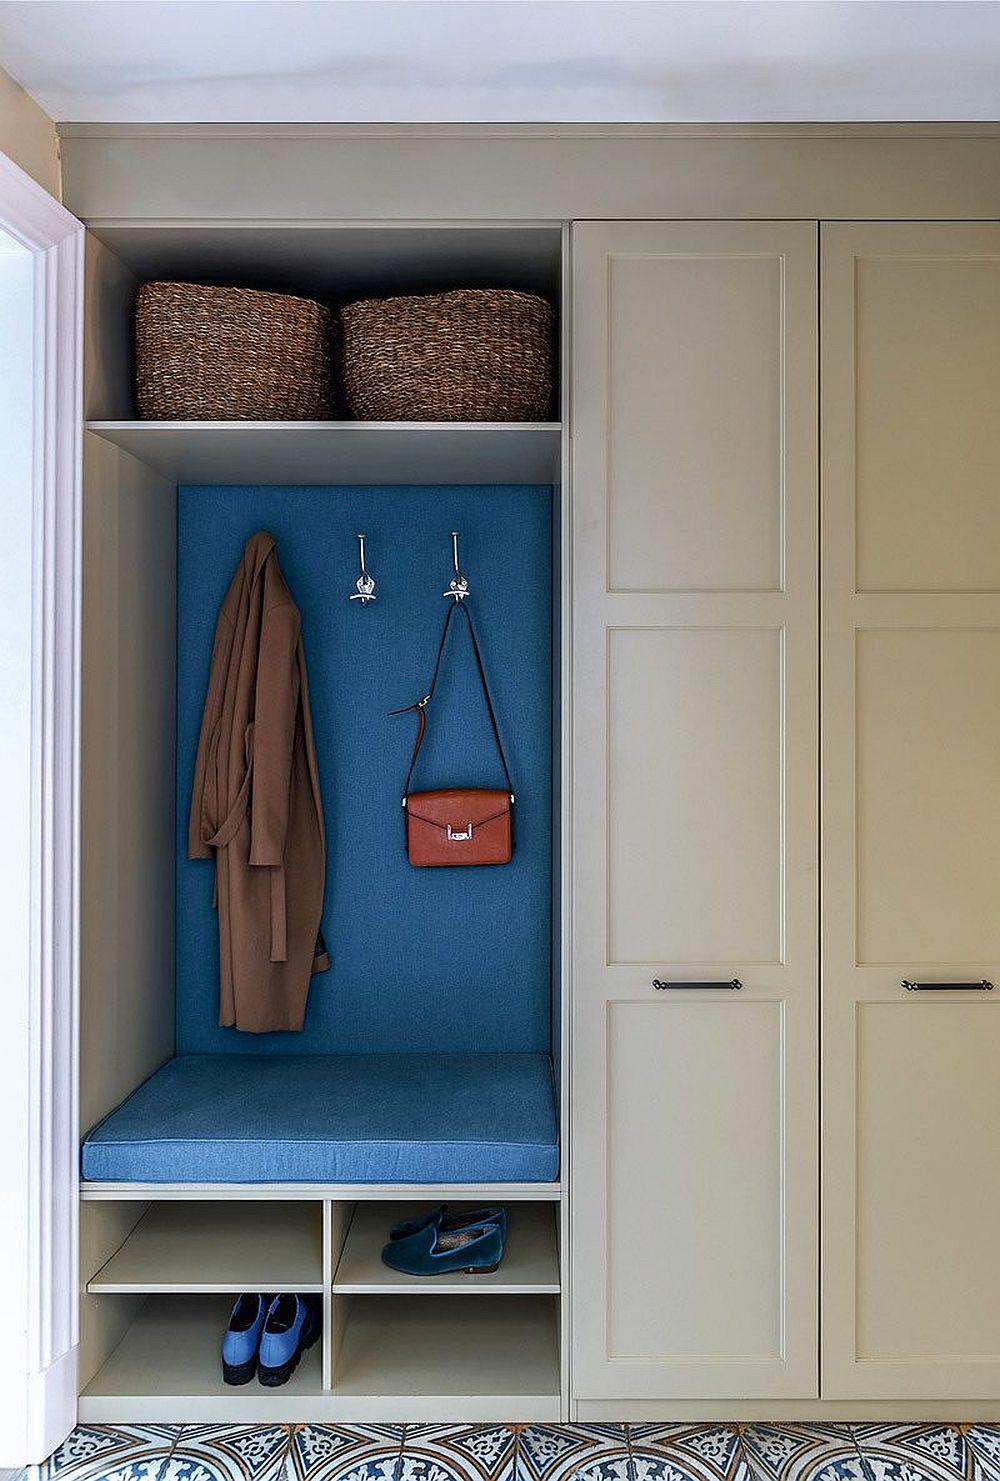 Mobilierul pentru depozitare din hol are o mică bachetă pentru ca cei mici să se poată încălța mai comod, dar cea mai mare parte din depozitare este mascată după ușile dulapului din zonă pentru ca lucrurile să nu fie la vedere.